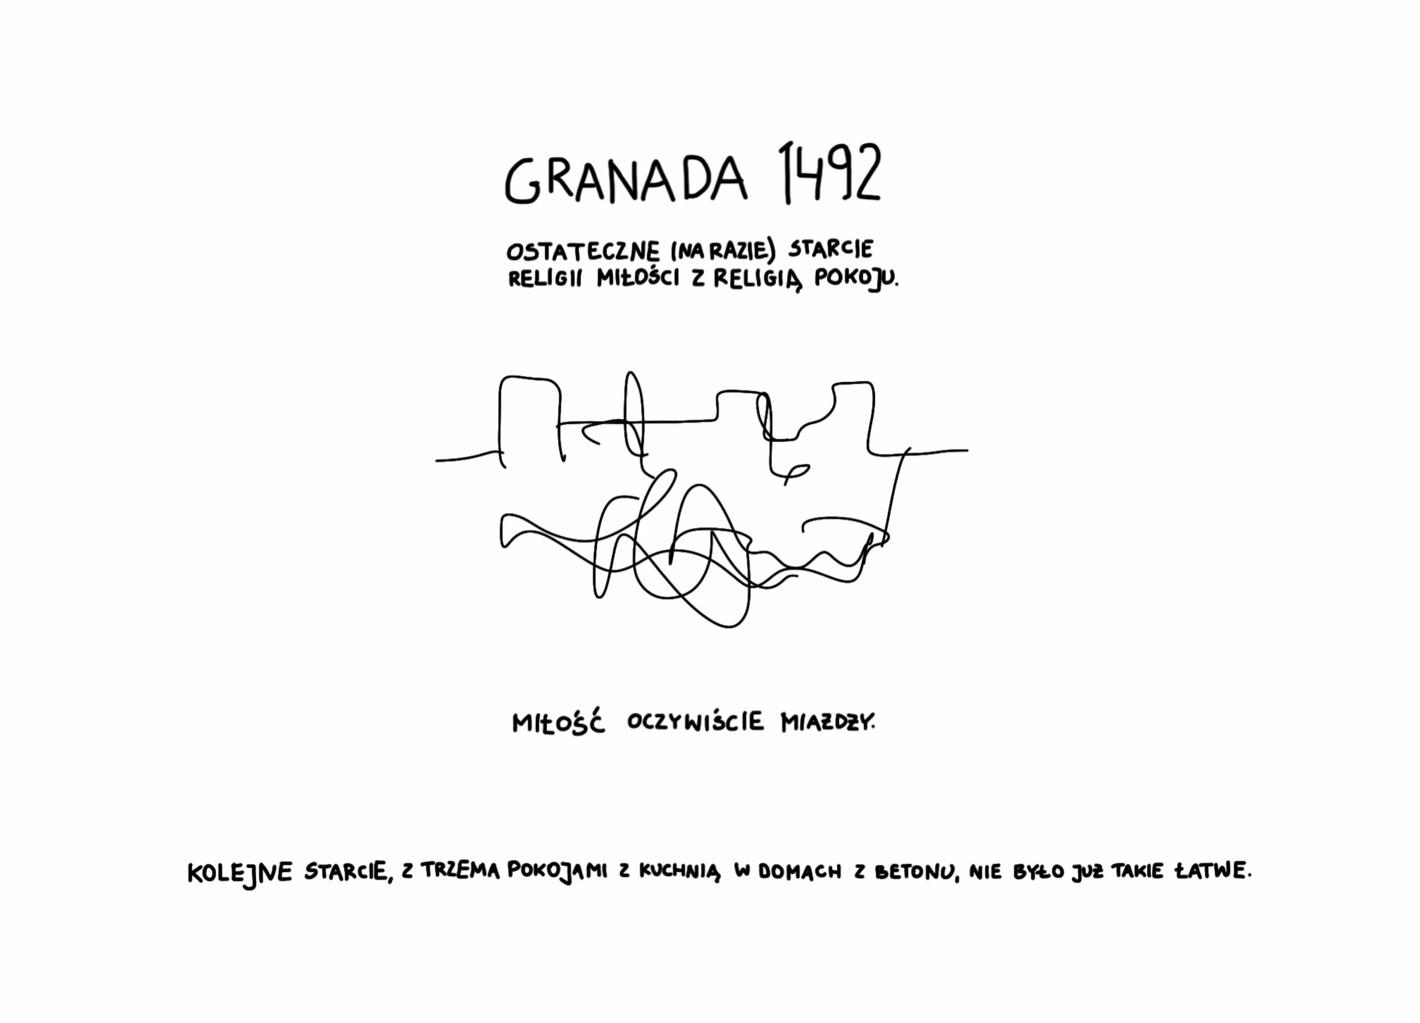 Granada 1492. ostateczne (na razie) starcie religii miłości z religią pokoju. miłość oczywiście miażdży. kolejne starcie, z trzema pokojami z kuchnią w domach z betonu, nie było już takie łatwe.